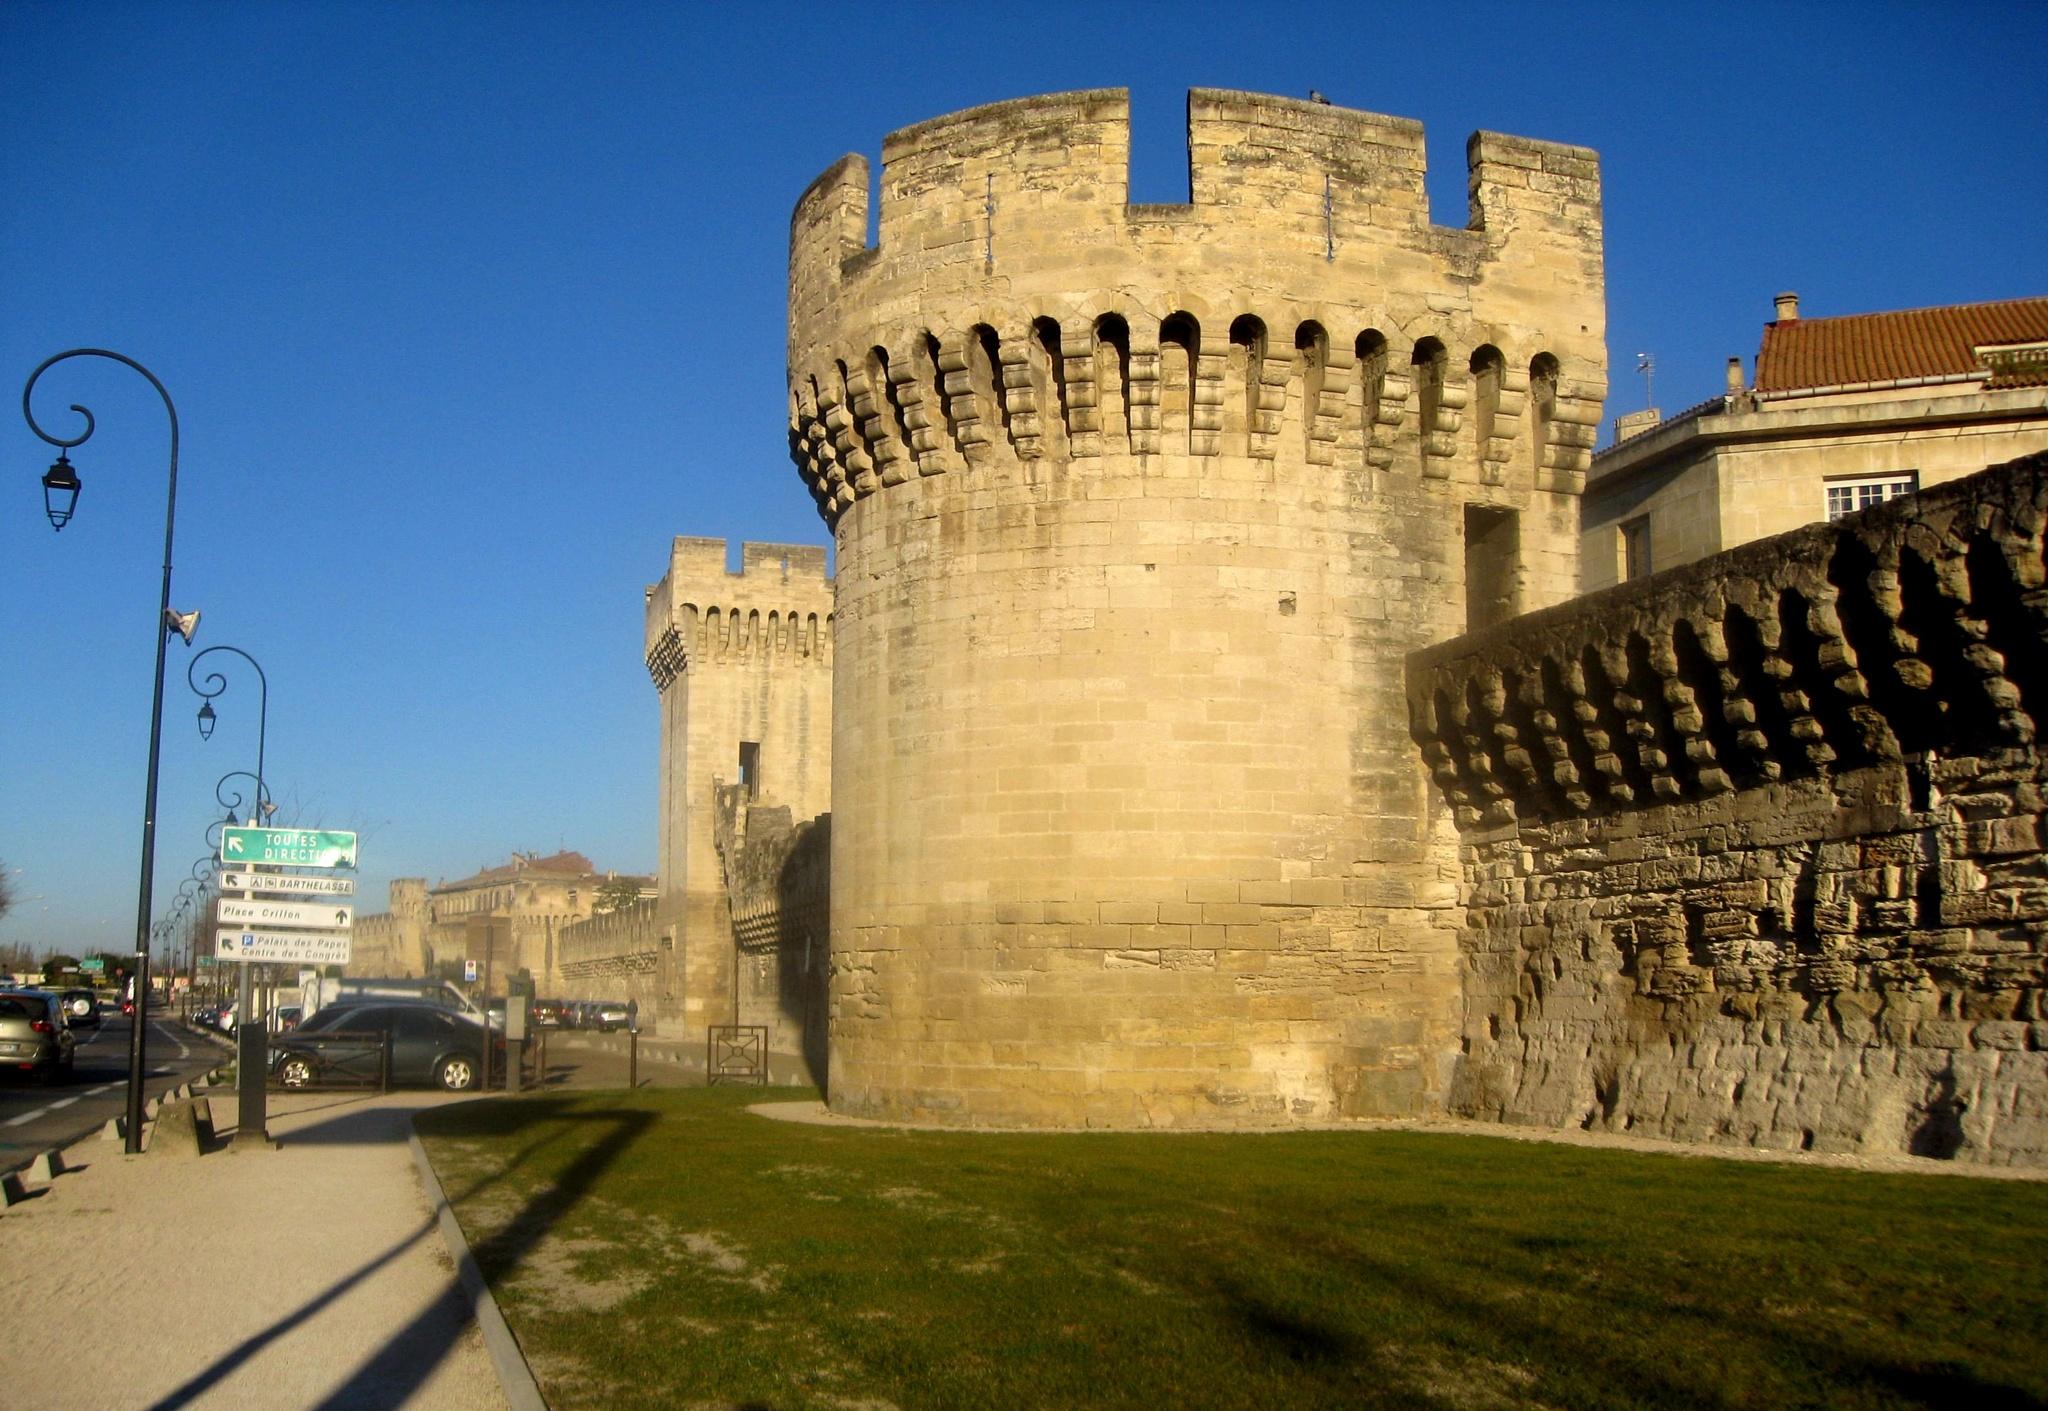 Avignon - tours du mur d'enceinte by imiljkov